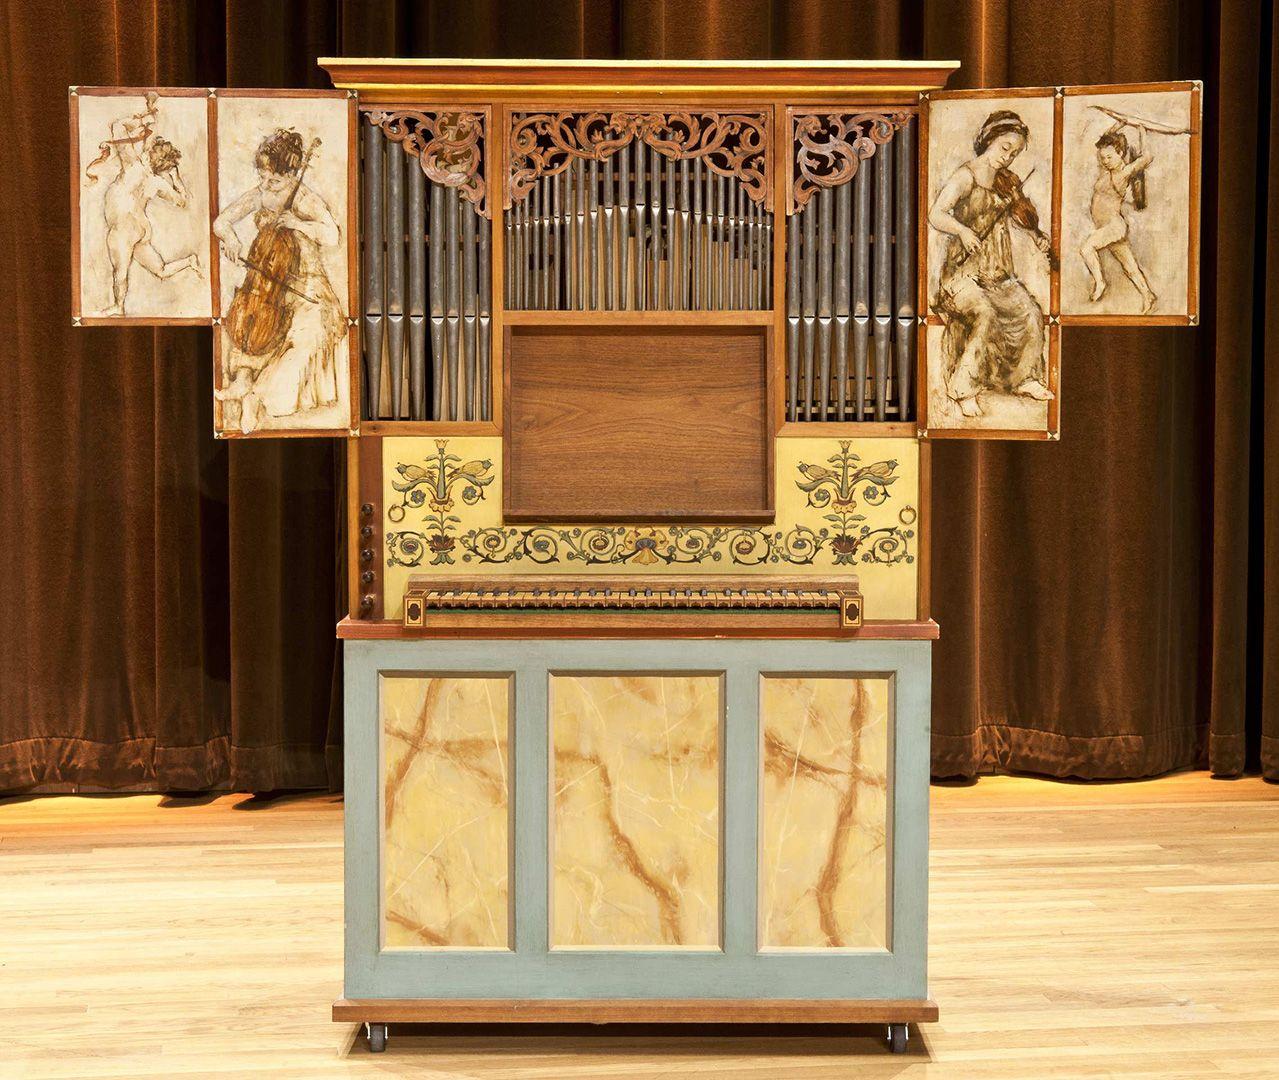 Petit orgue de chambre de la collection de la salle Bourgie